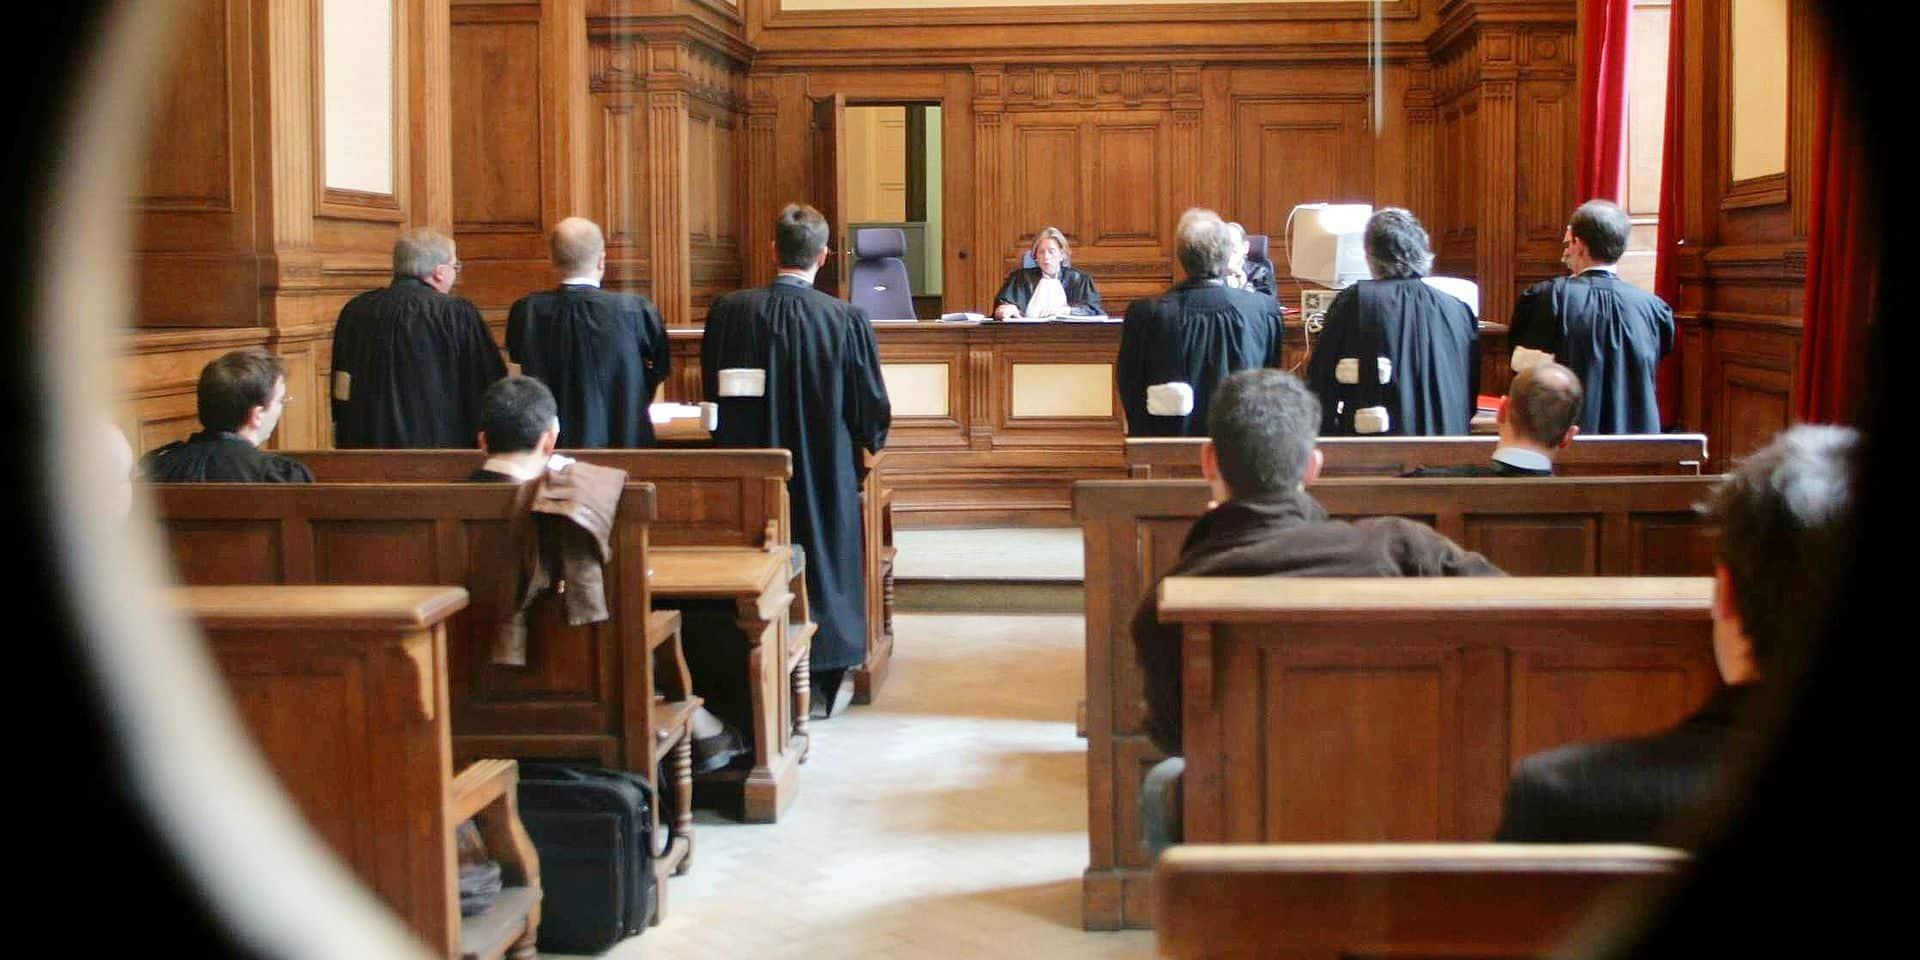 La justice montoise gèle ses activités pour plusieurs semaines